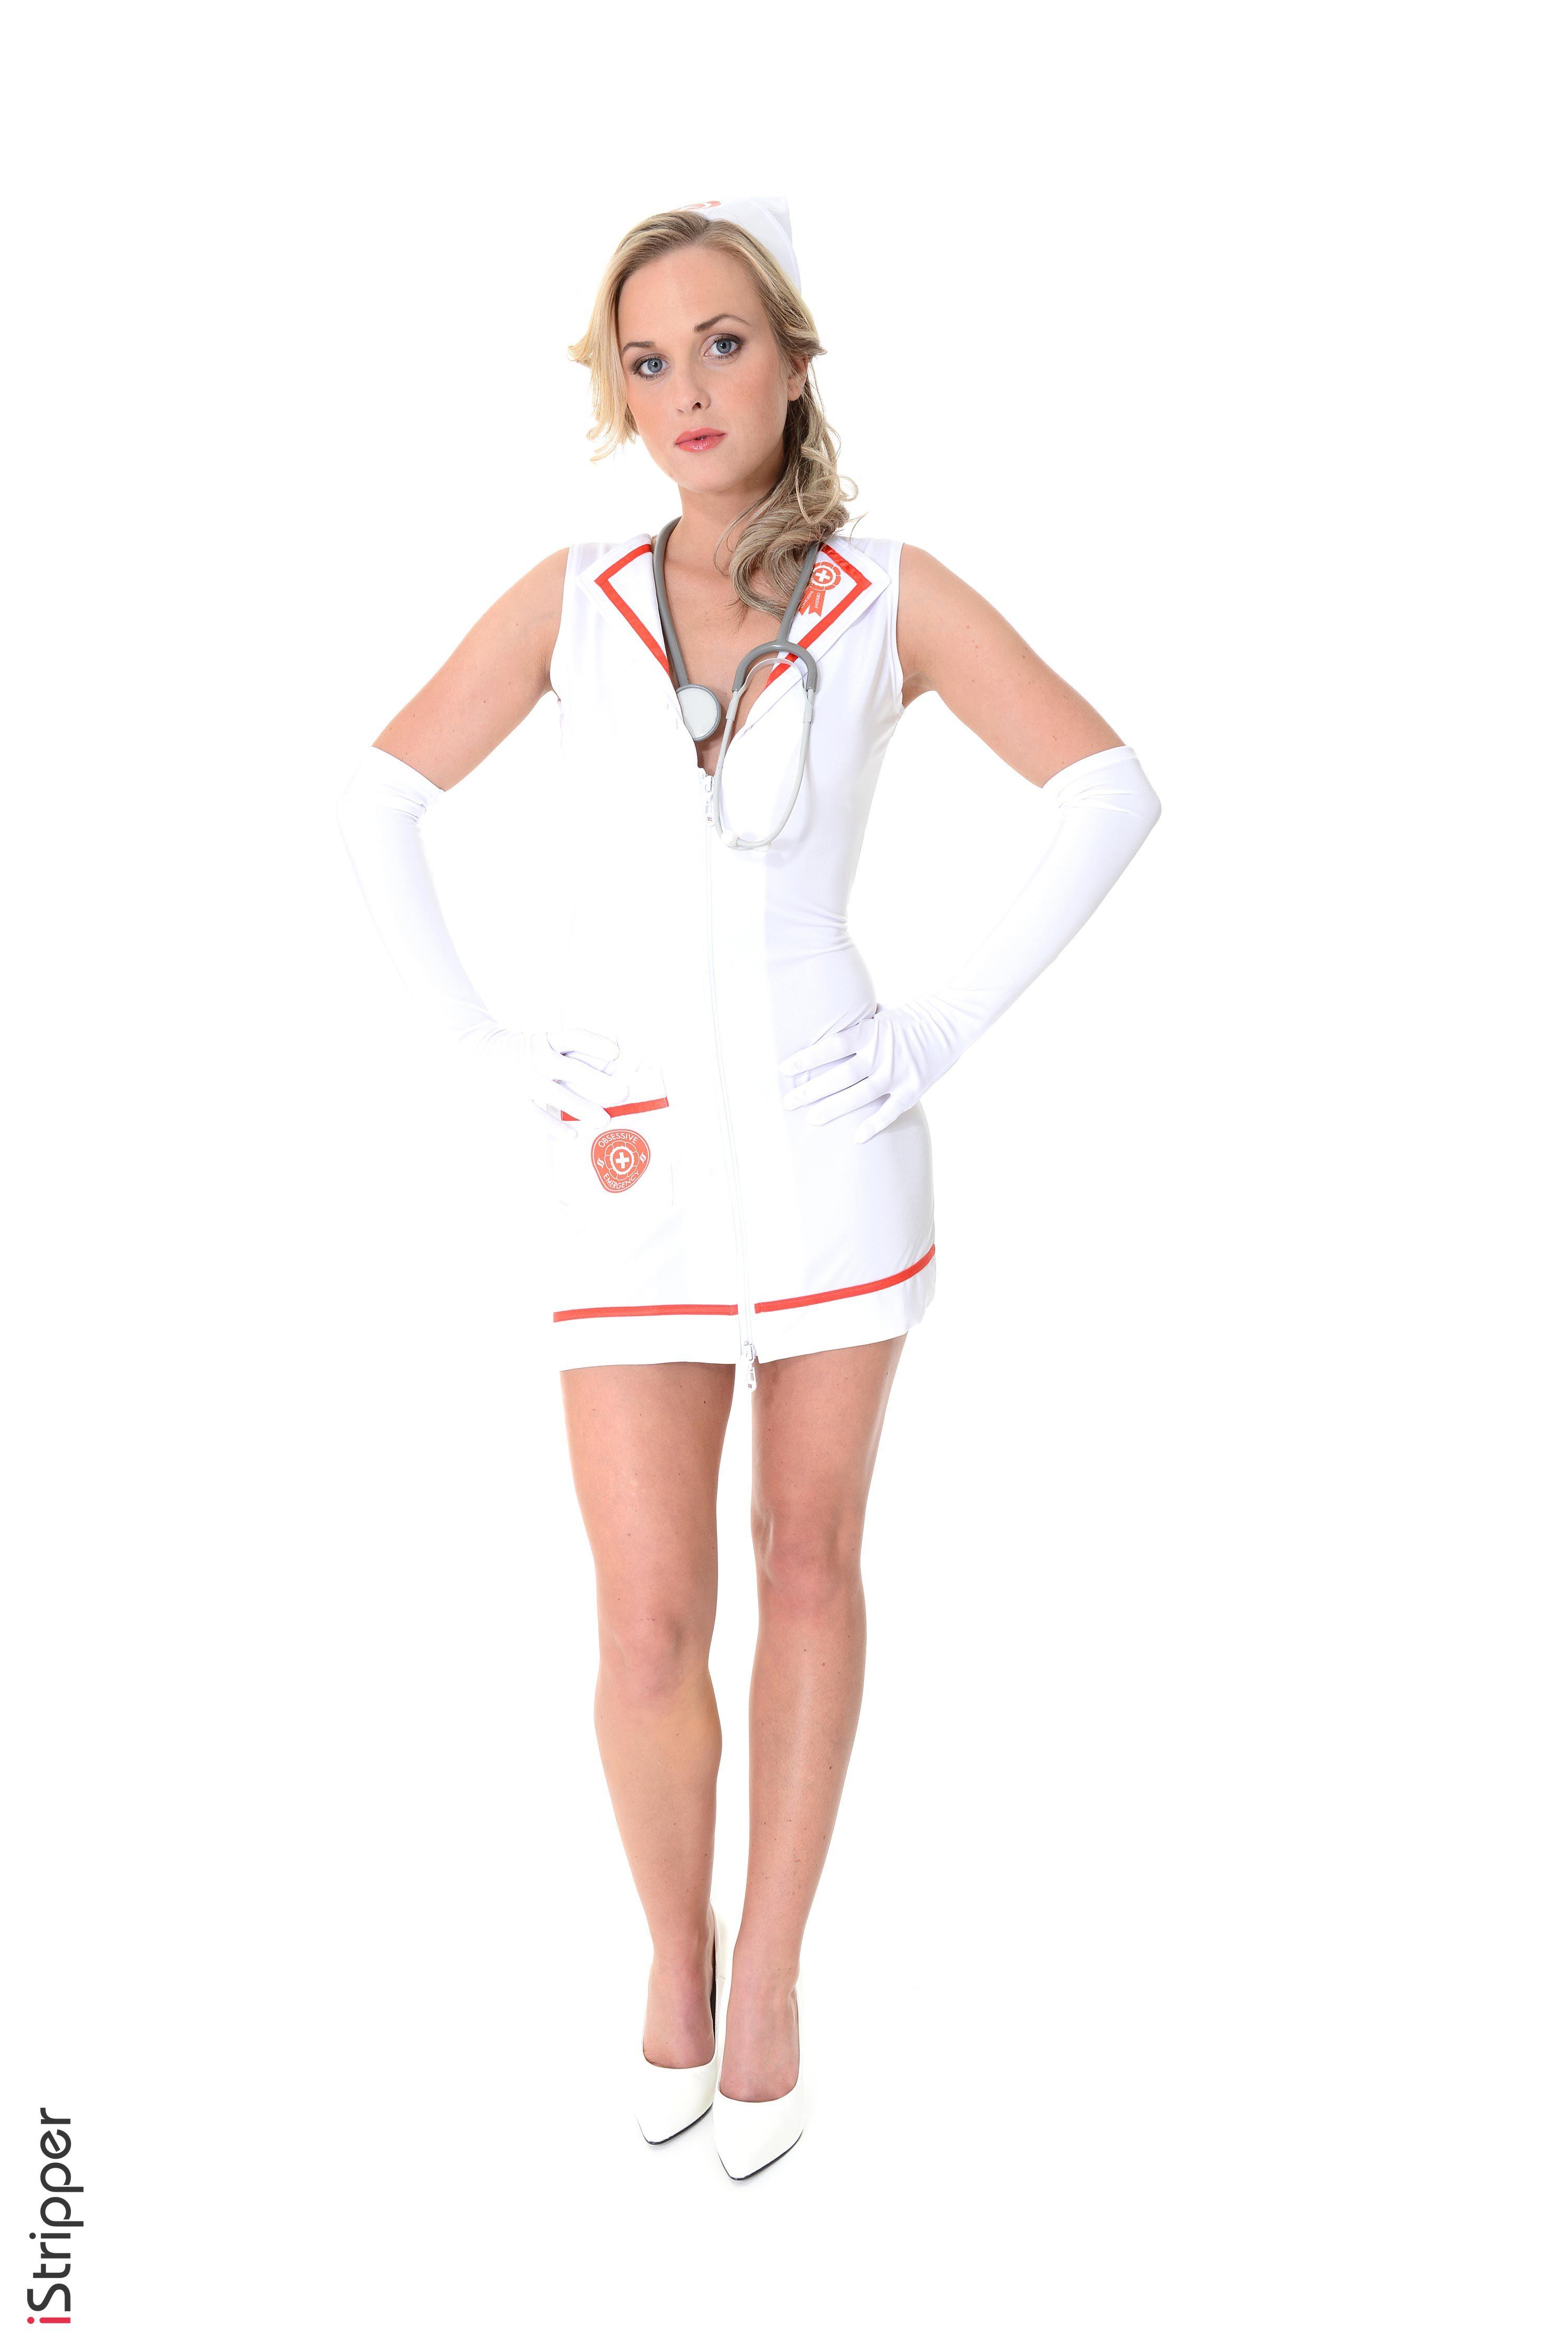 Foto Vinna Reed Blond Mädchen Krankenschwester Handschuh iStripper junge frau Bein Hand Uniform Weißer hintergrund Stöckelschuh  für Handy Blondine Mädchens junge Frauen High Heels